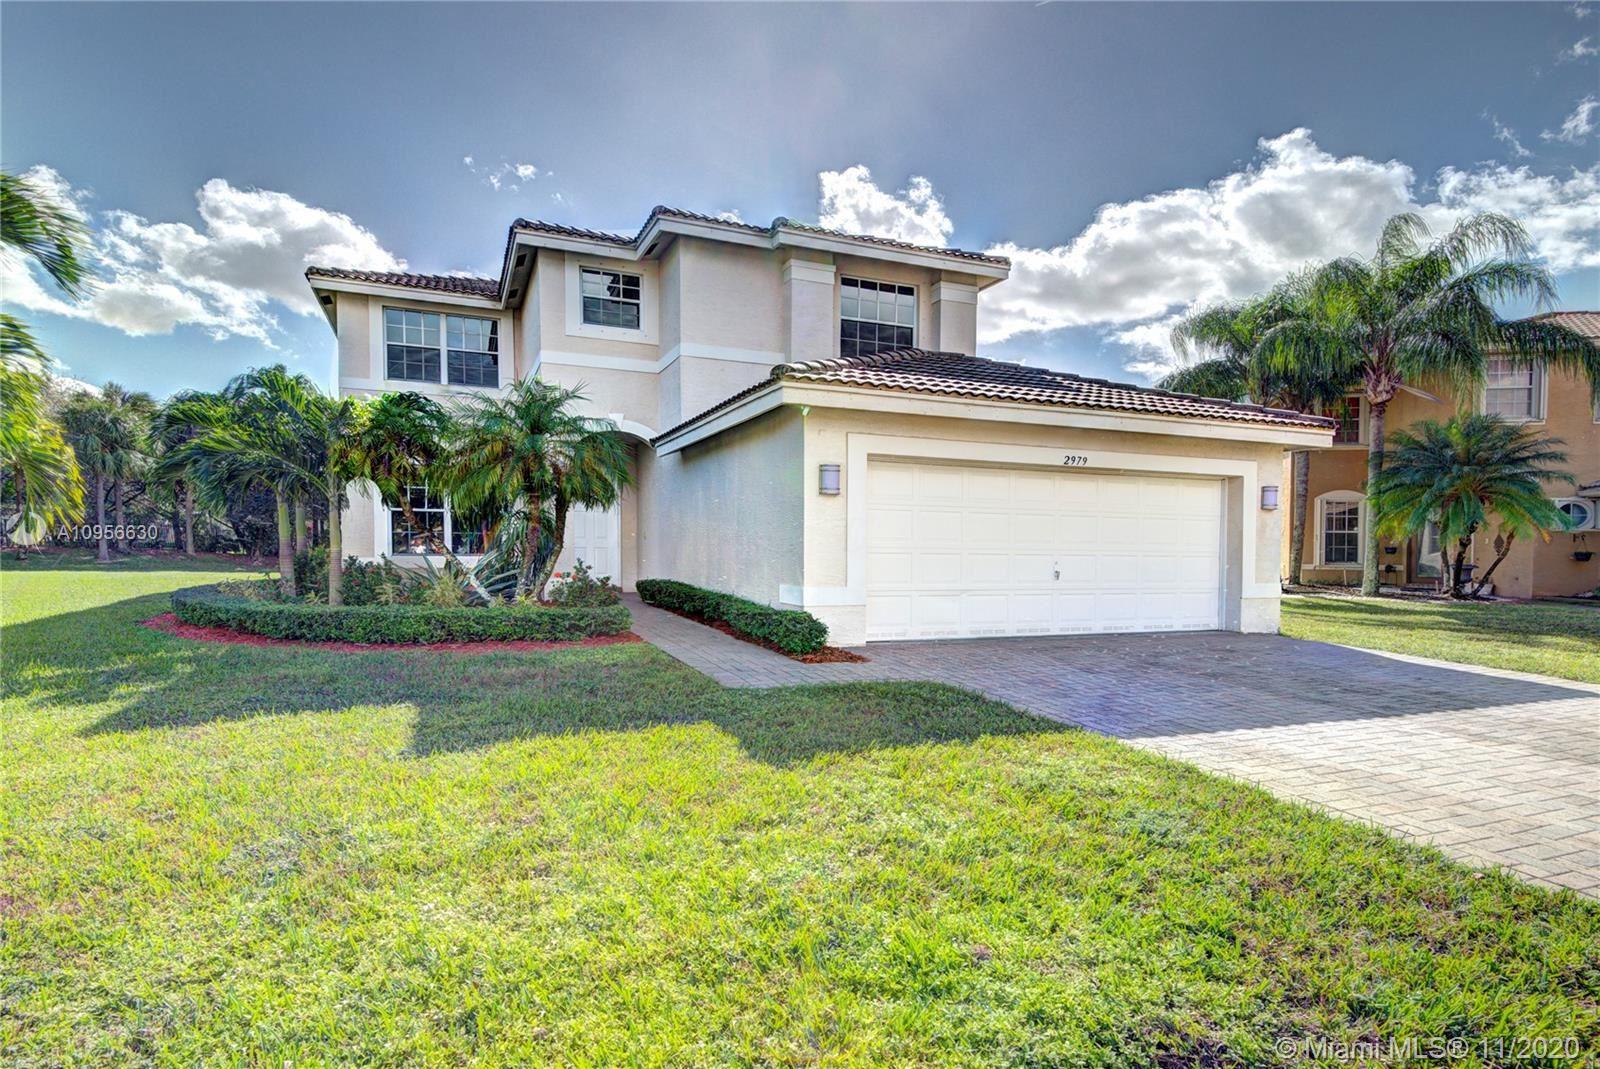 Photo of 2979 SW 161st Avenue, Miramar, FL 33027 (MLS # A10956630)